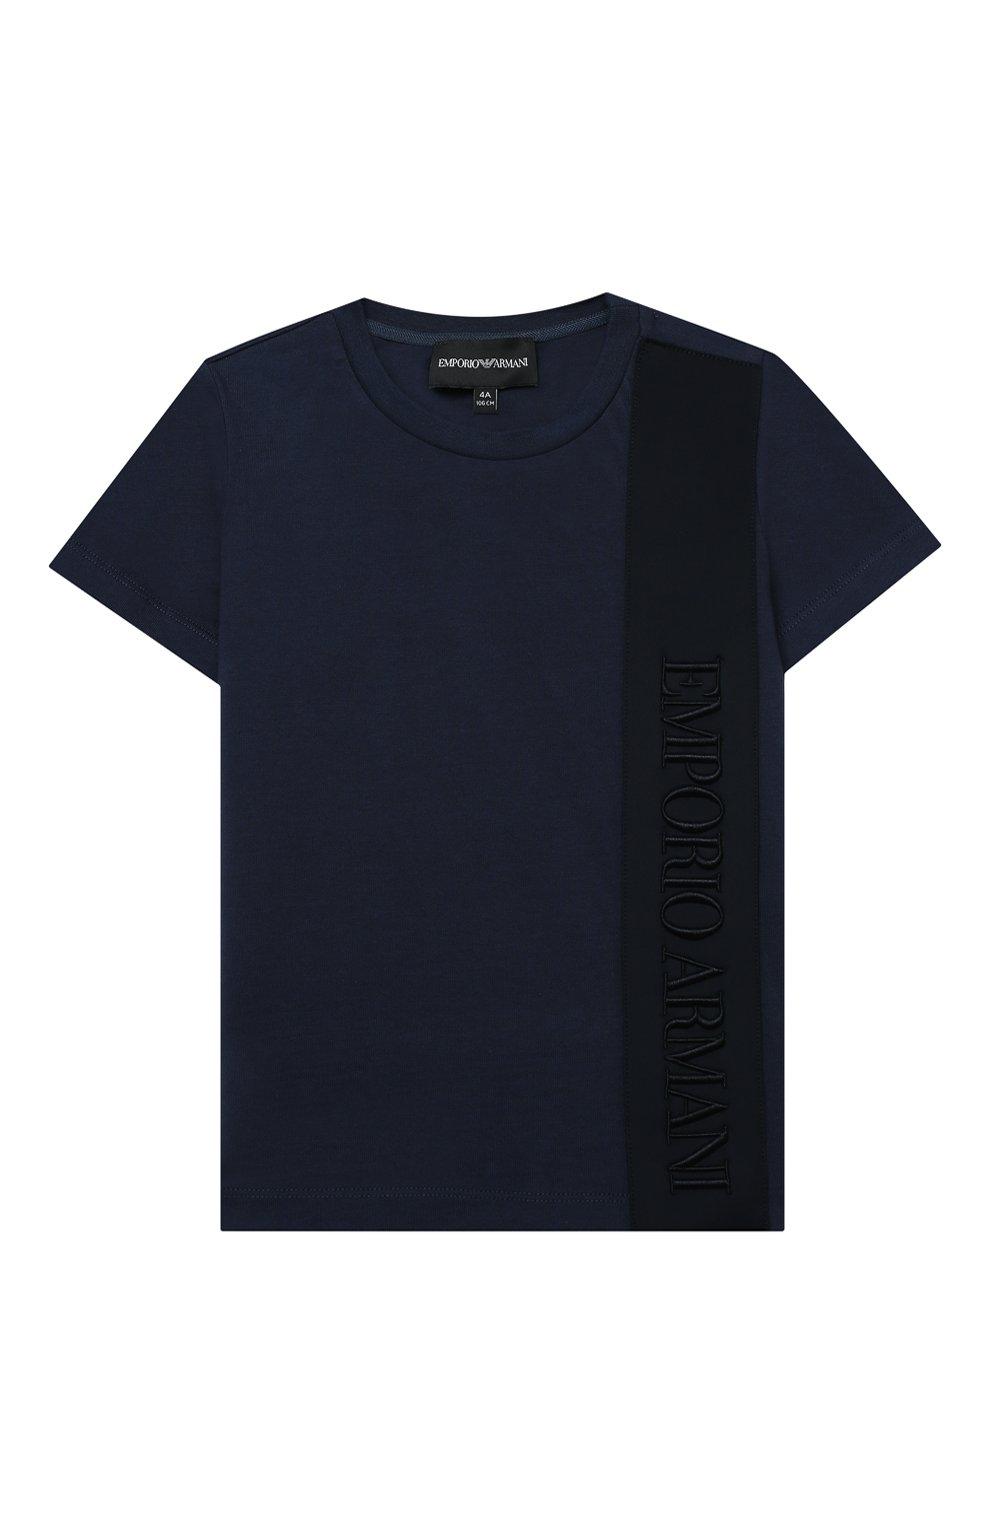 Детского комплект из футболки и шорт EMPORIO ARMANI синего цвета, арт. 3K4VJG/4JJGZ | Фото 2 (Рукава: Короткие; Материал внешний: Хлопок; Мальчики Кросс-КТ: Костюмы-спорт; Ростовка одежда: 10 - 11 лет | 140 - 146см, 13 - 15 лет | 158 см, 16 лет | 164 см, 4 года | 104 см, 5 лет | 110 см, 6 лет | 116 см, 7 лет | 122 см, 8 лет | 128 см)